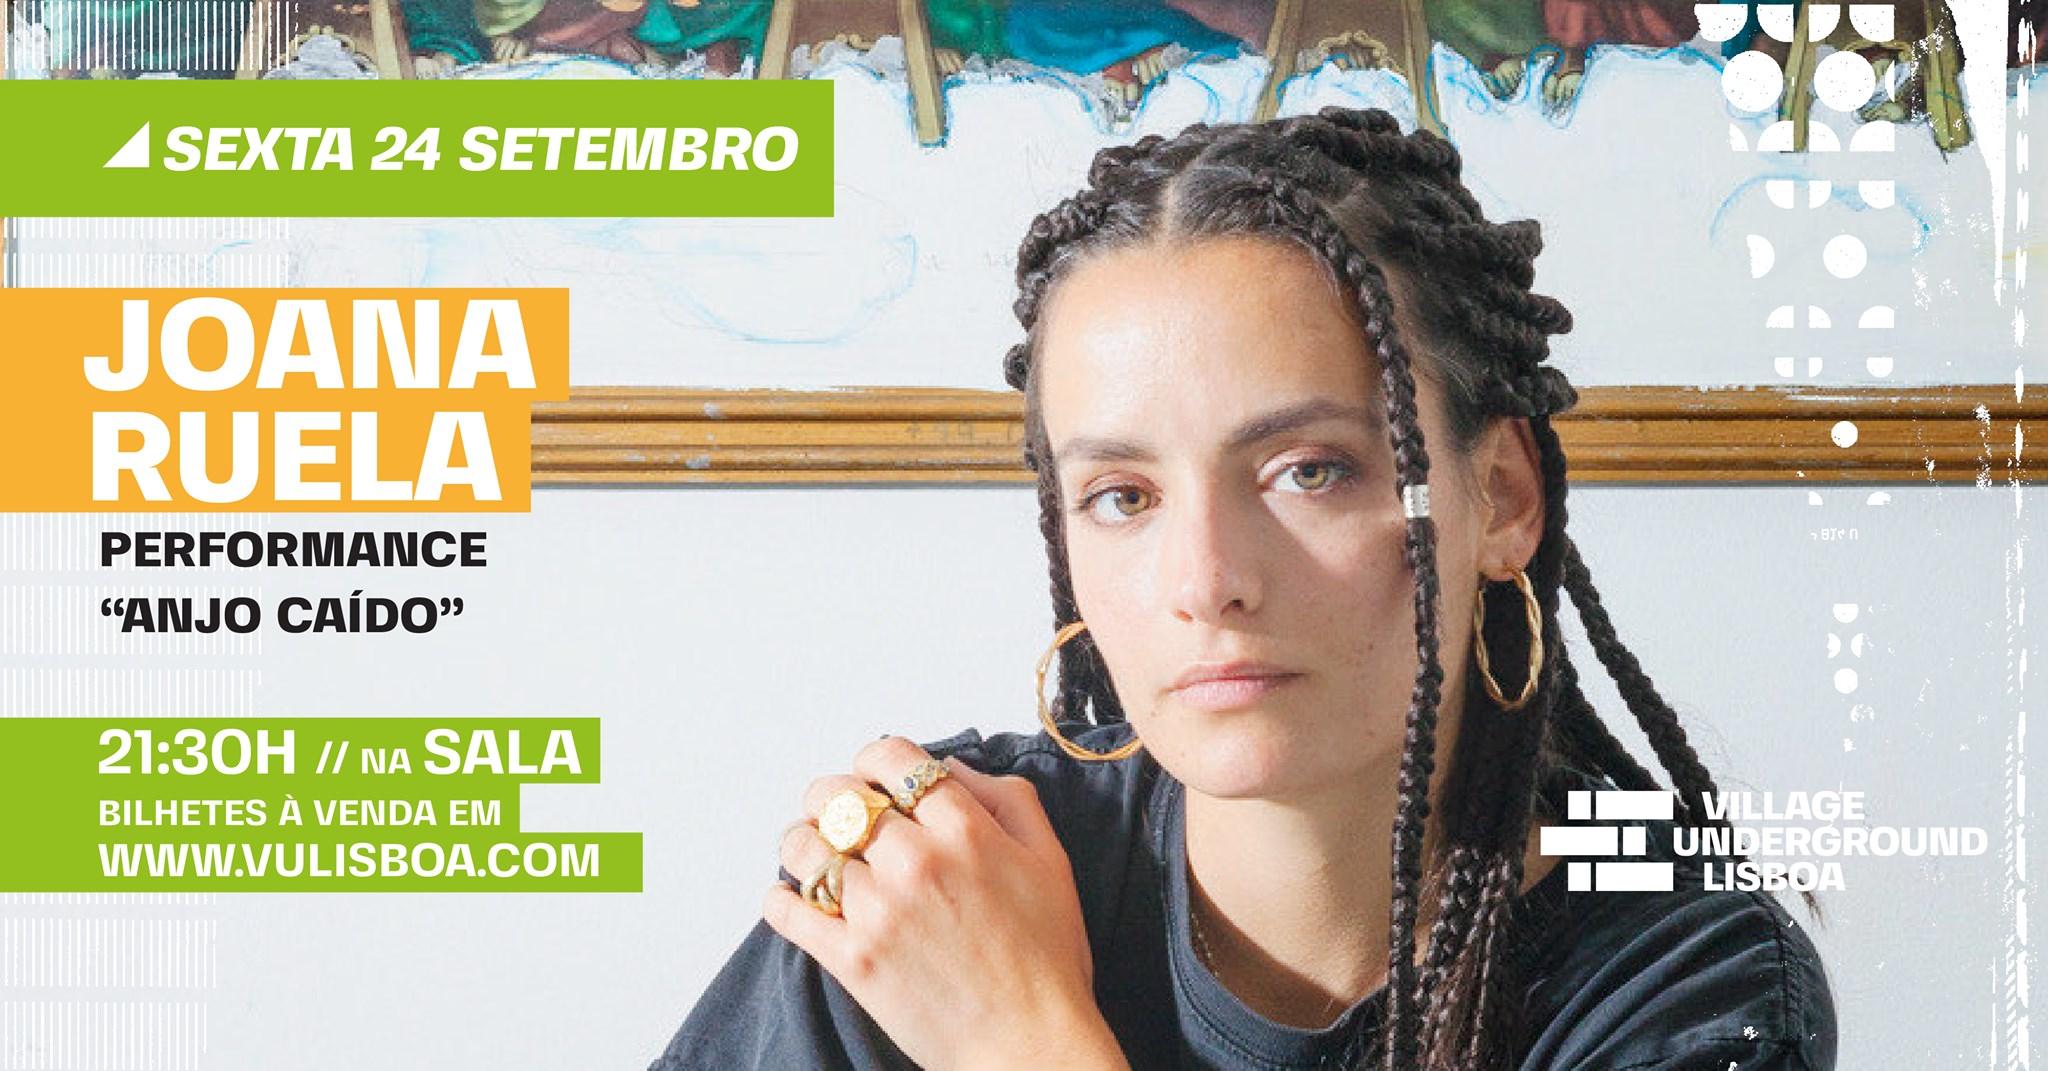 24 Setembro - Joana Ruela // Anjo Caído // Performance